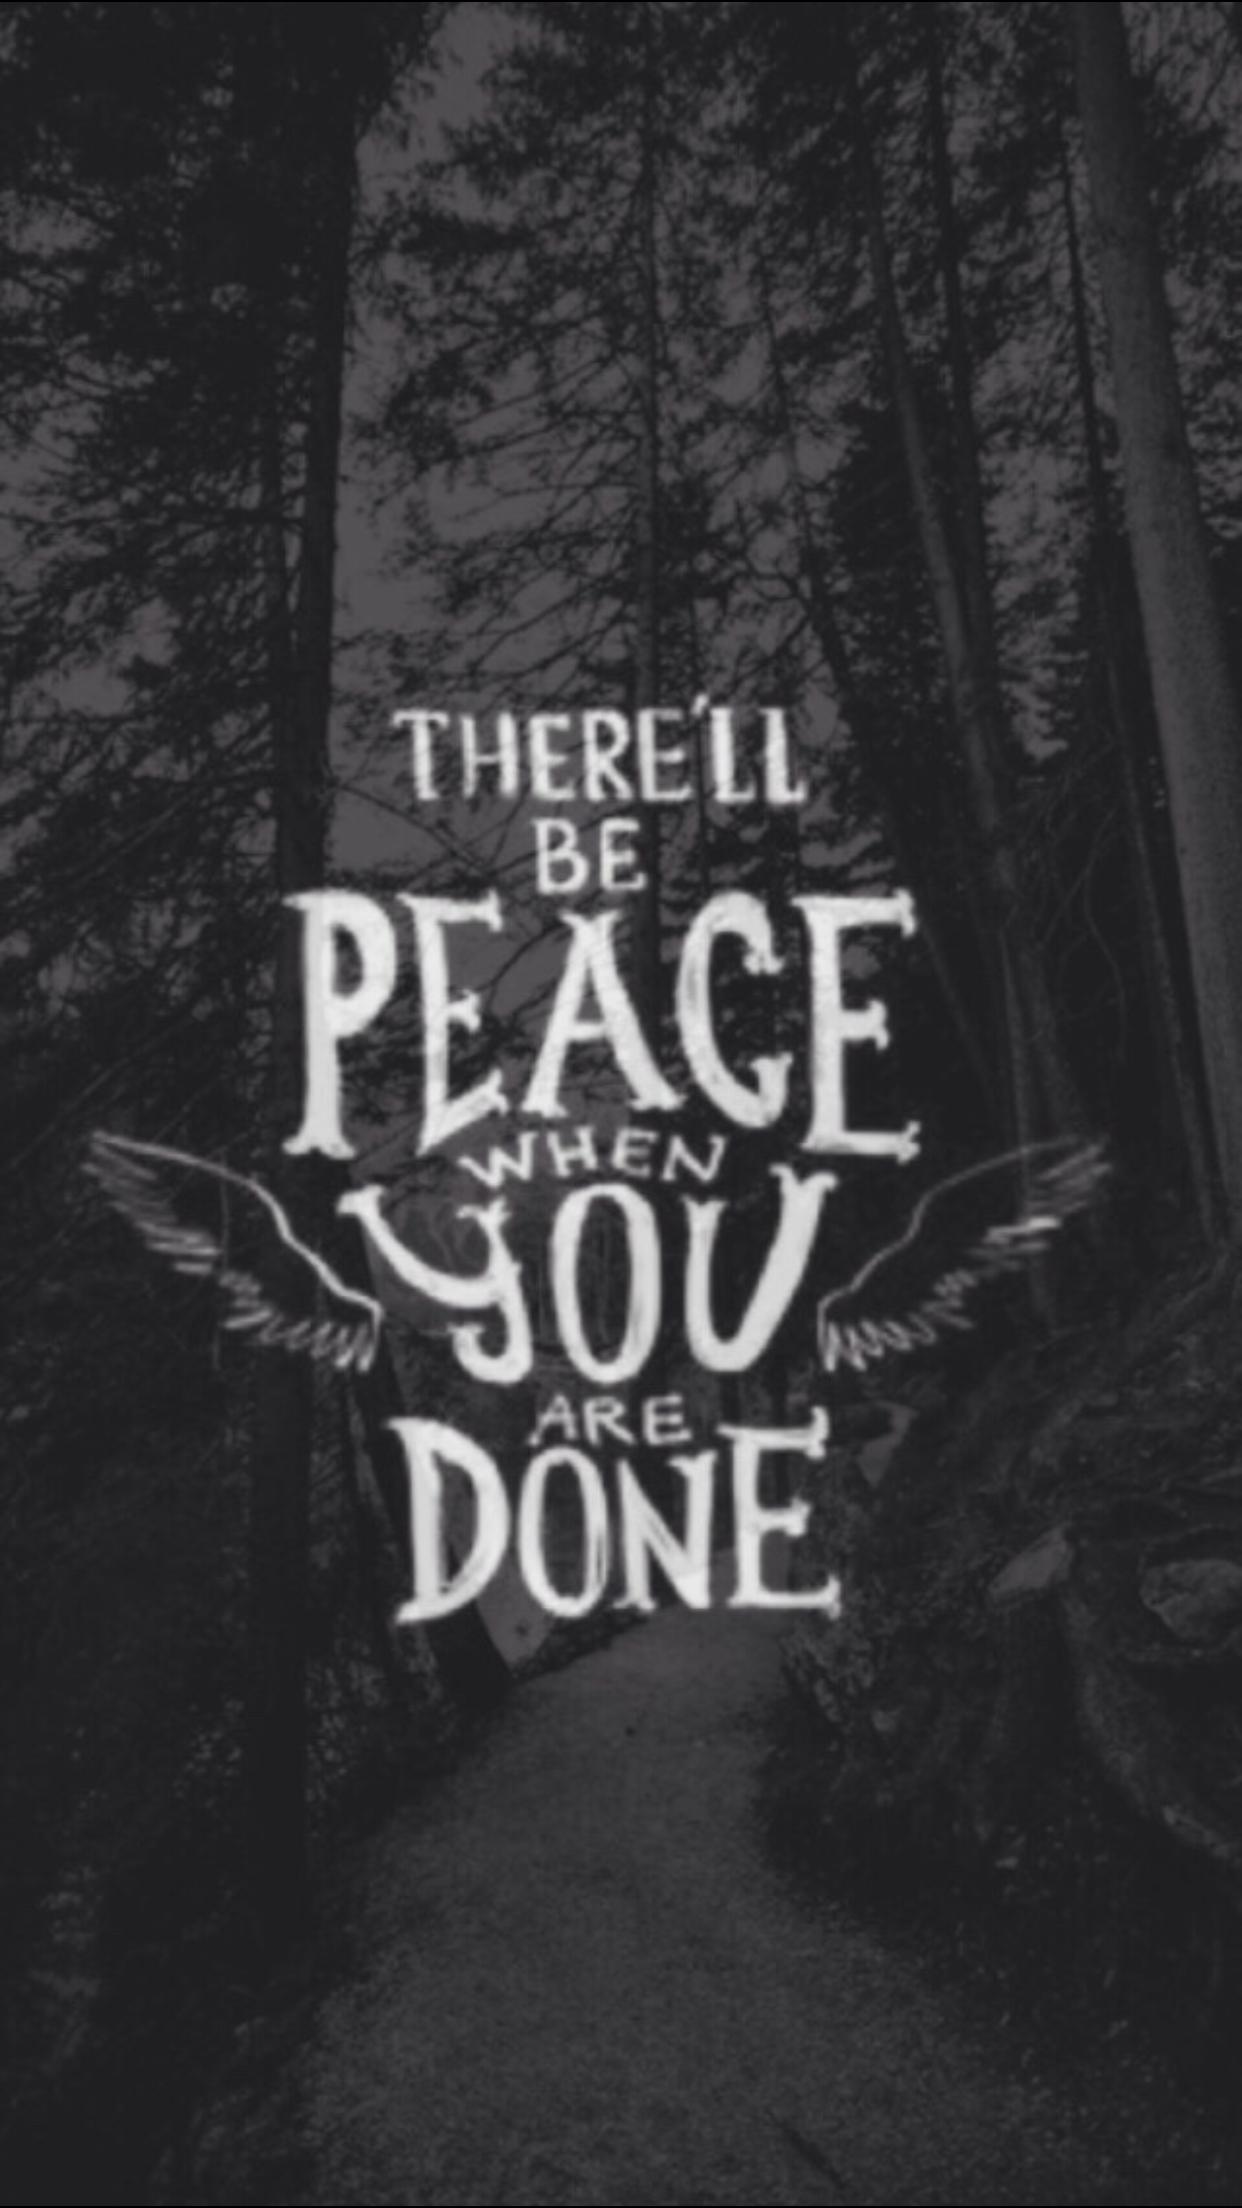 Haver paz quando voc est feito frases pinterest - Supernatural phone background ...